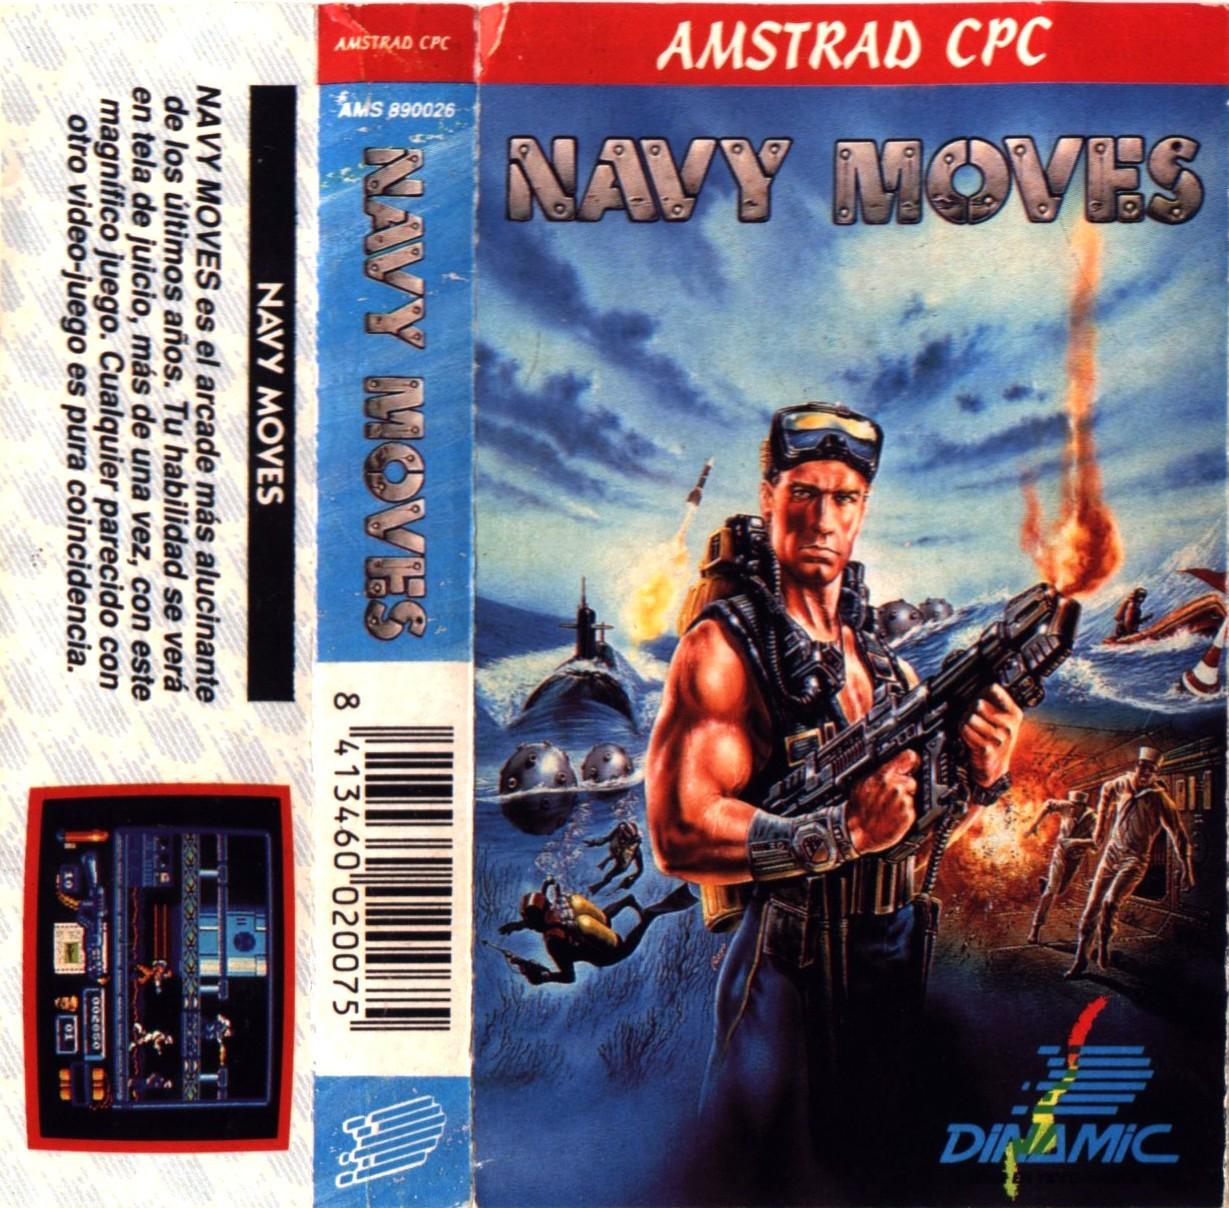 http://www.dizionariovideogiochi.it/lib/exe/fetch.php?cache=&media=luglio11:navy_moves_cpc_-_box_cassette_-_03.jpg